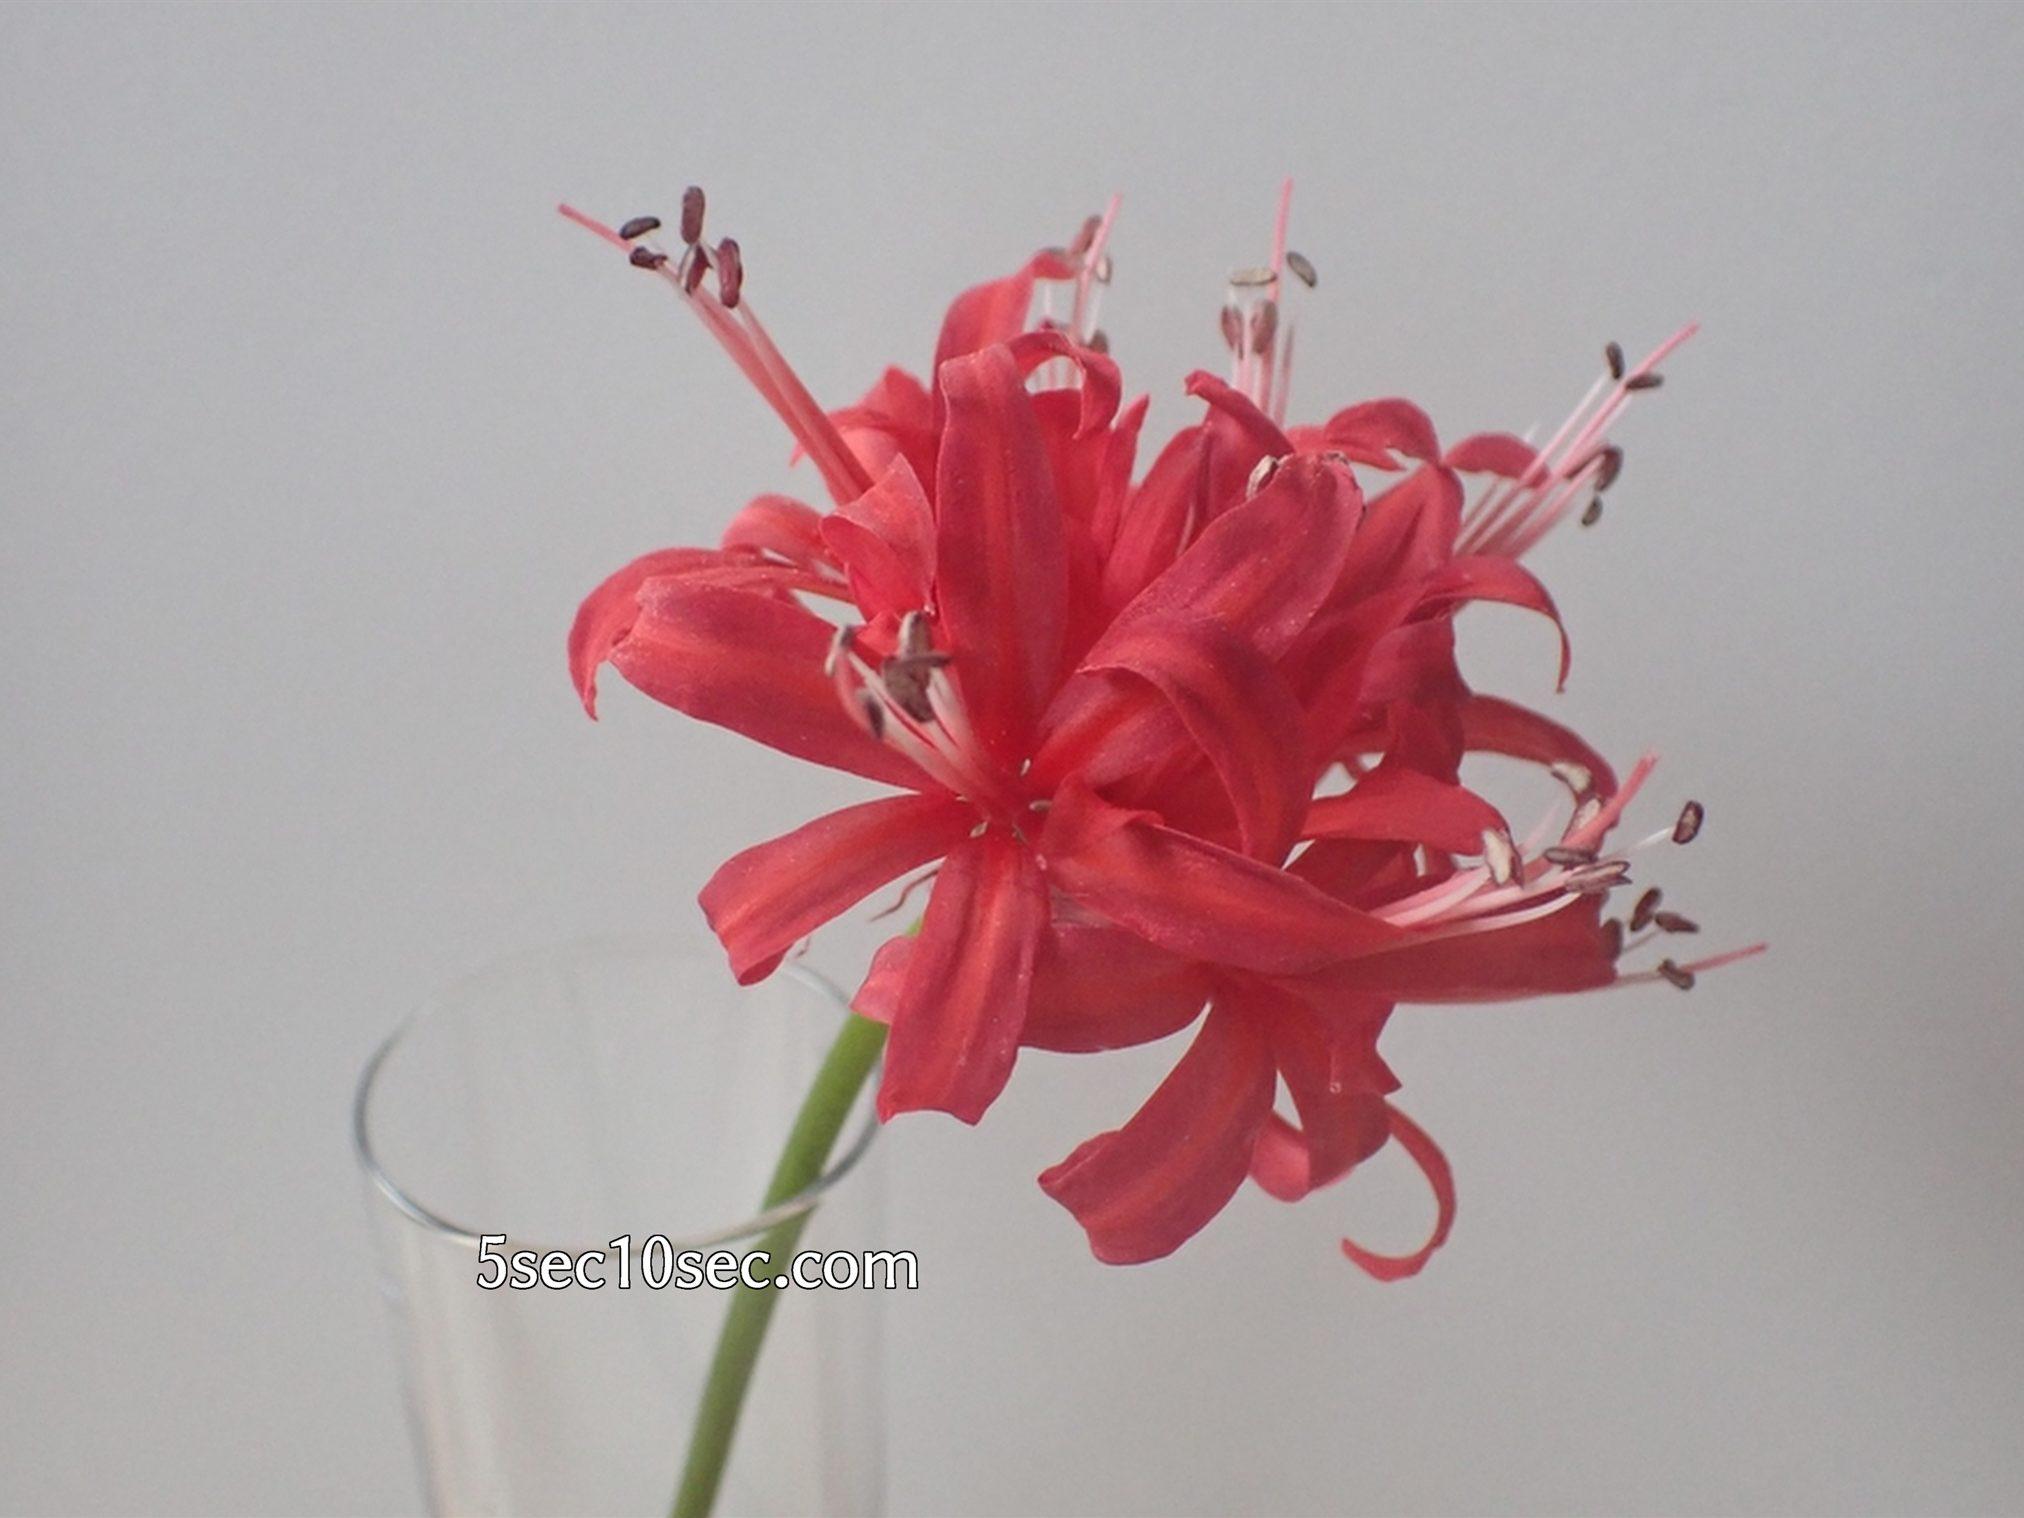 株式会社Crunch Style お花の定期便 Bloomee LIFE ブルーミーライフ 800円のレギュラープラン ダイヤモンドリリーを1輪挿しにするとこういう感じです